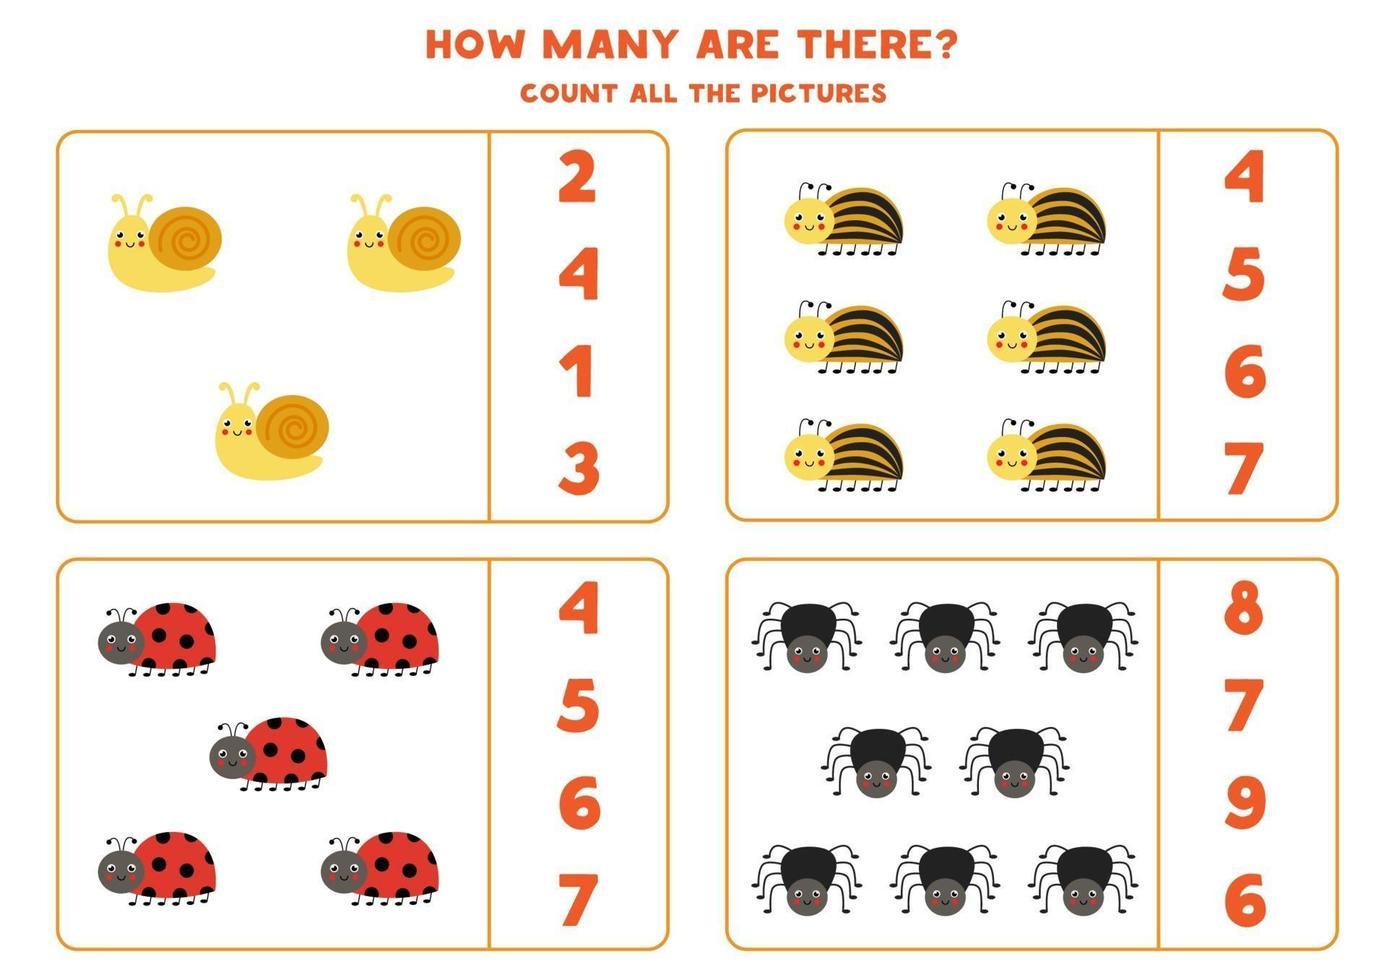 conta tutti gli insetti carini e cerchia le risposte corrette. gioco di matematica per bambini. vettore